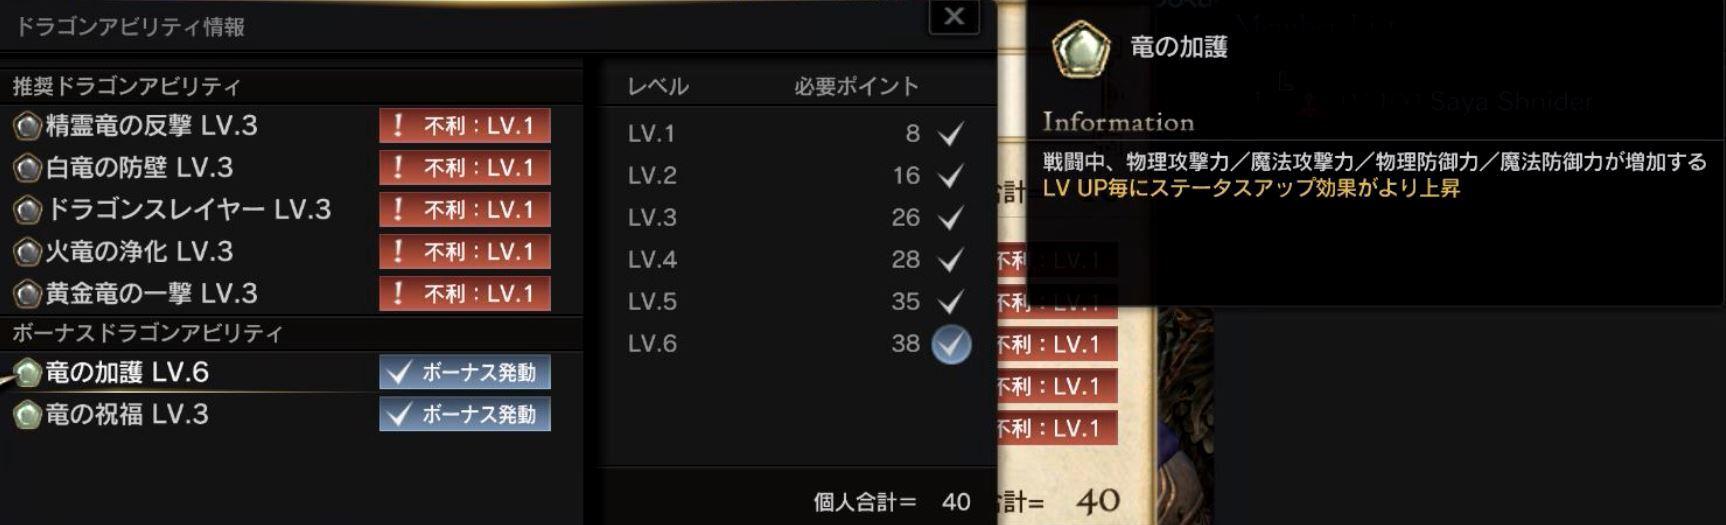 DA_6.jpg